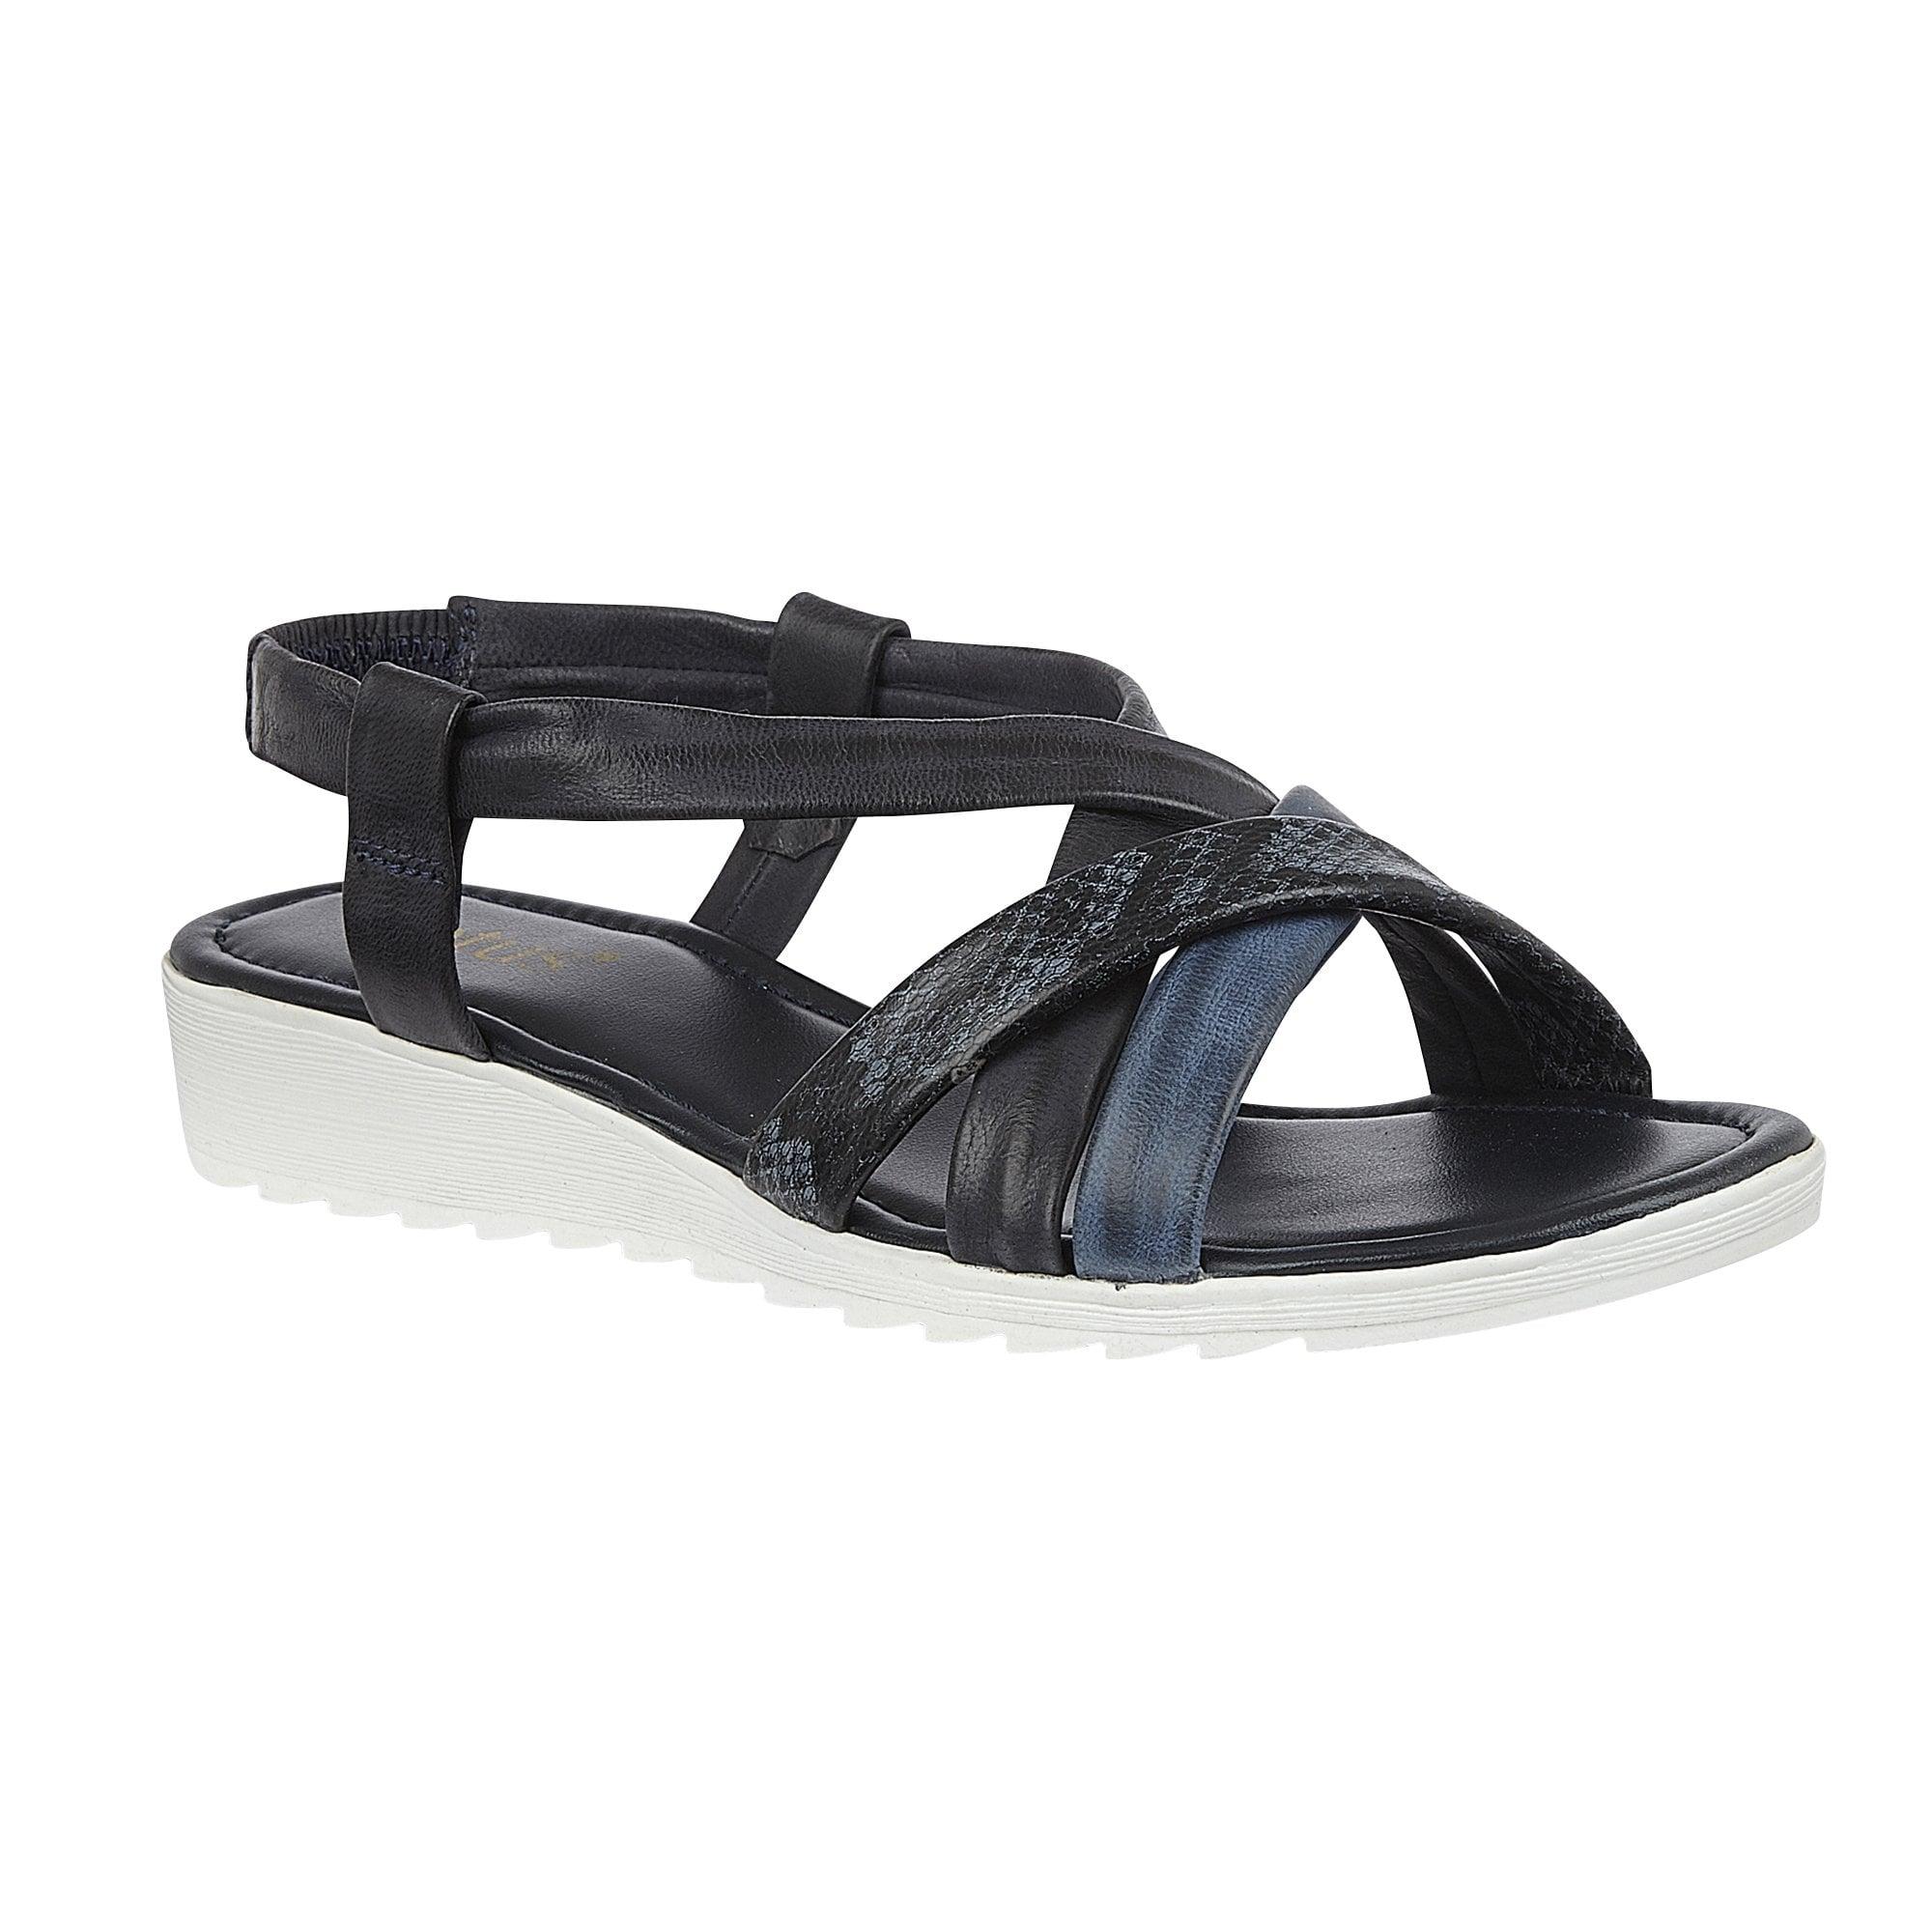 navy Lotus ladies' Rosanne wedge sandal